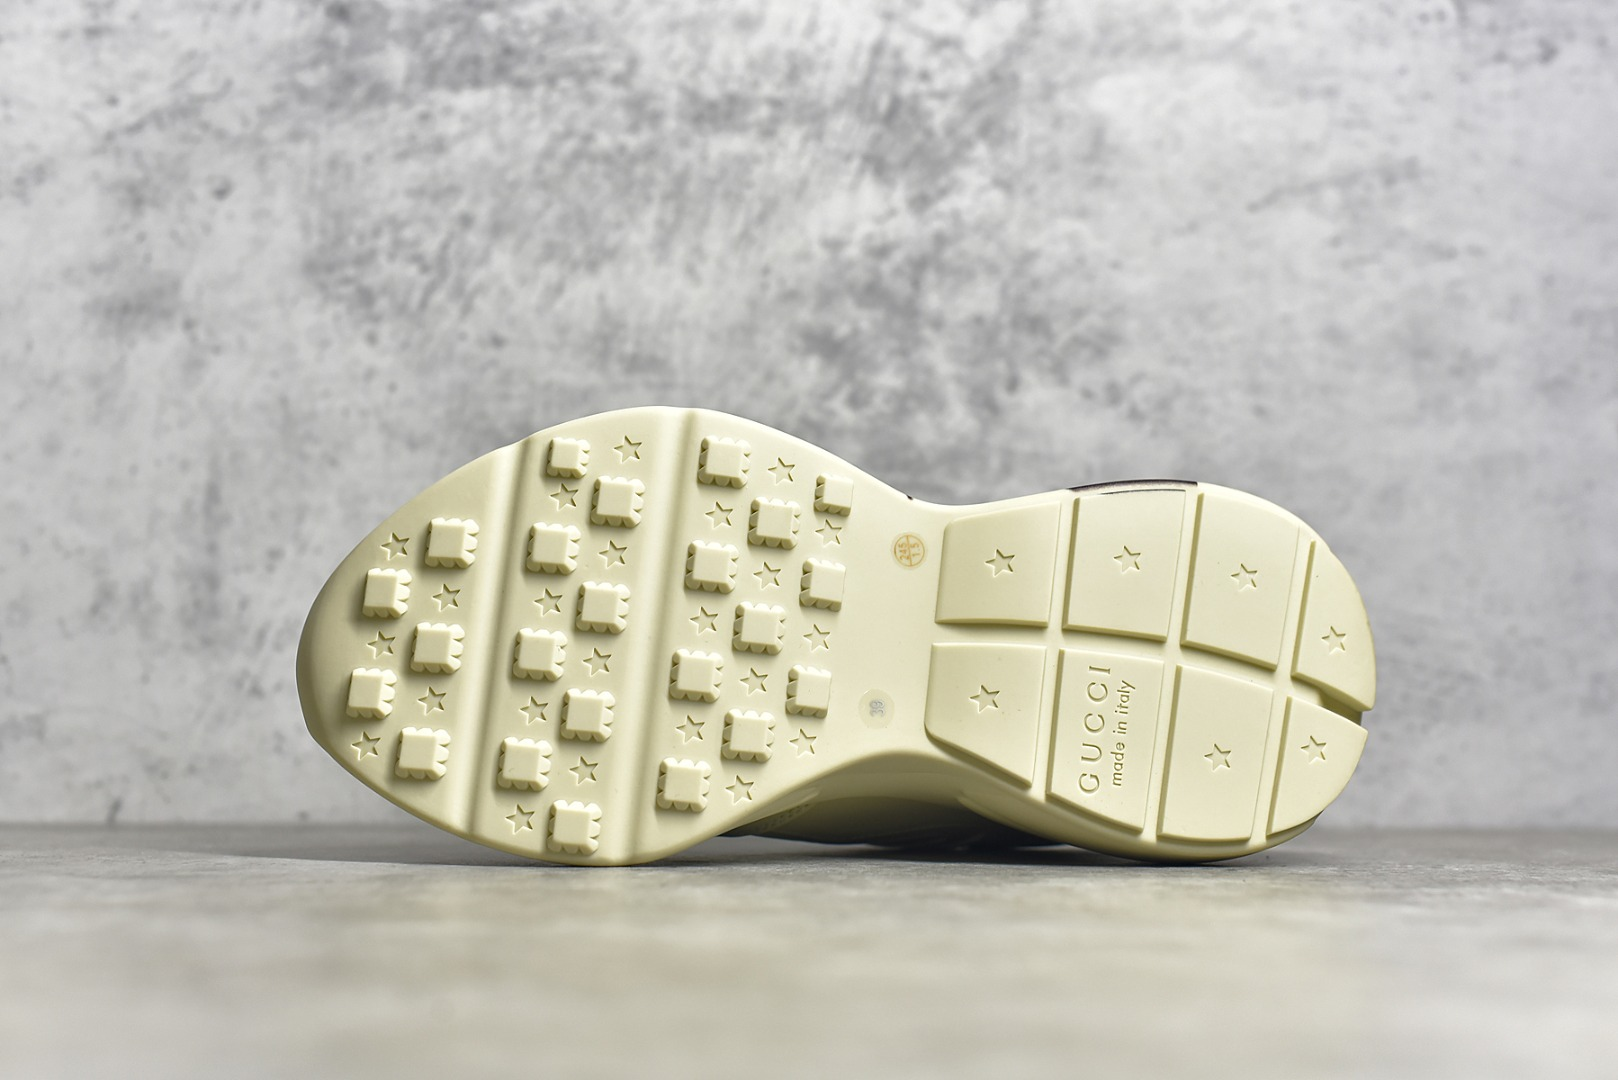 古驰米黄色唐老鸭老爹鞋 Gucci Rhyton Vintage Trainer Sneaker 古驰带芯片版本 东莞顶级版本古驰货源-潮流者之家